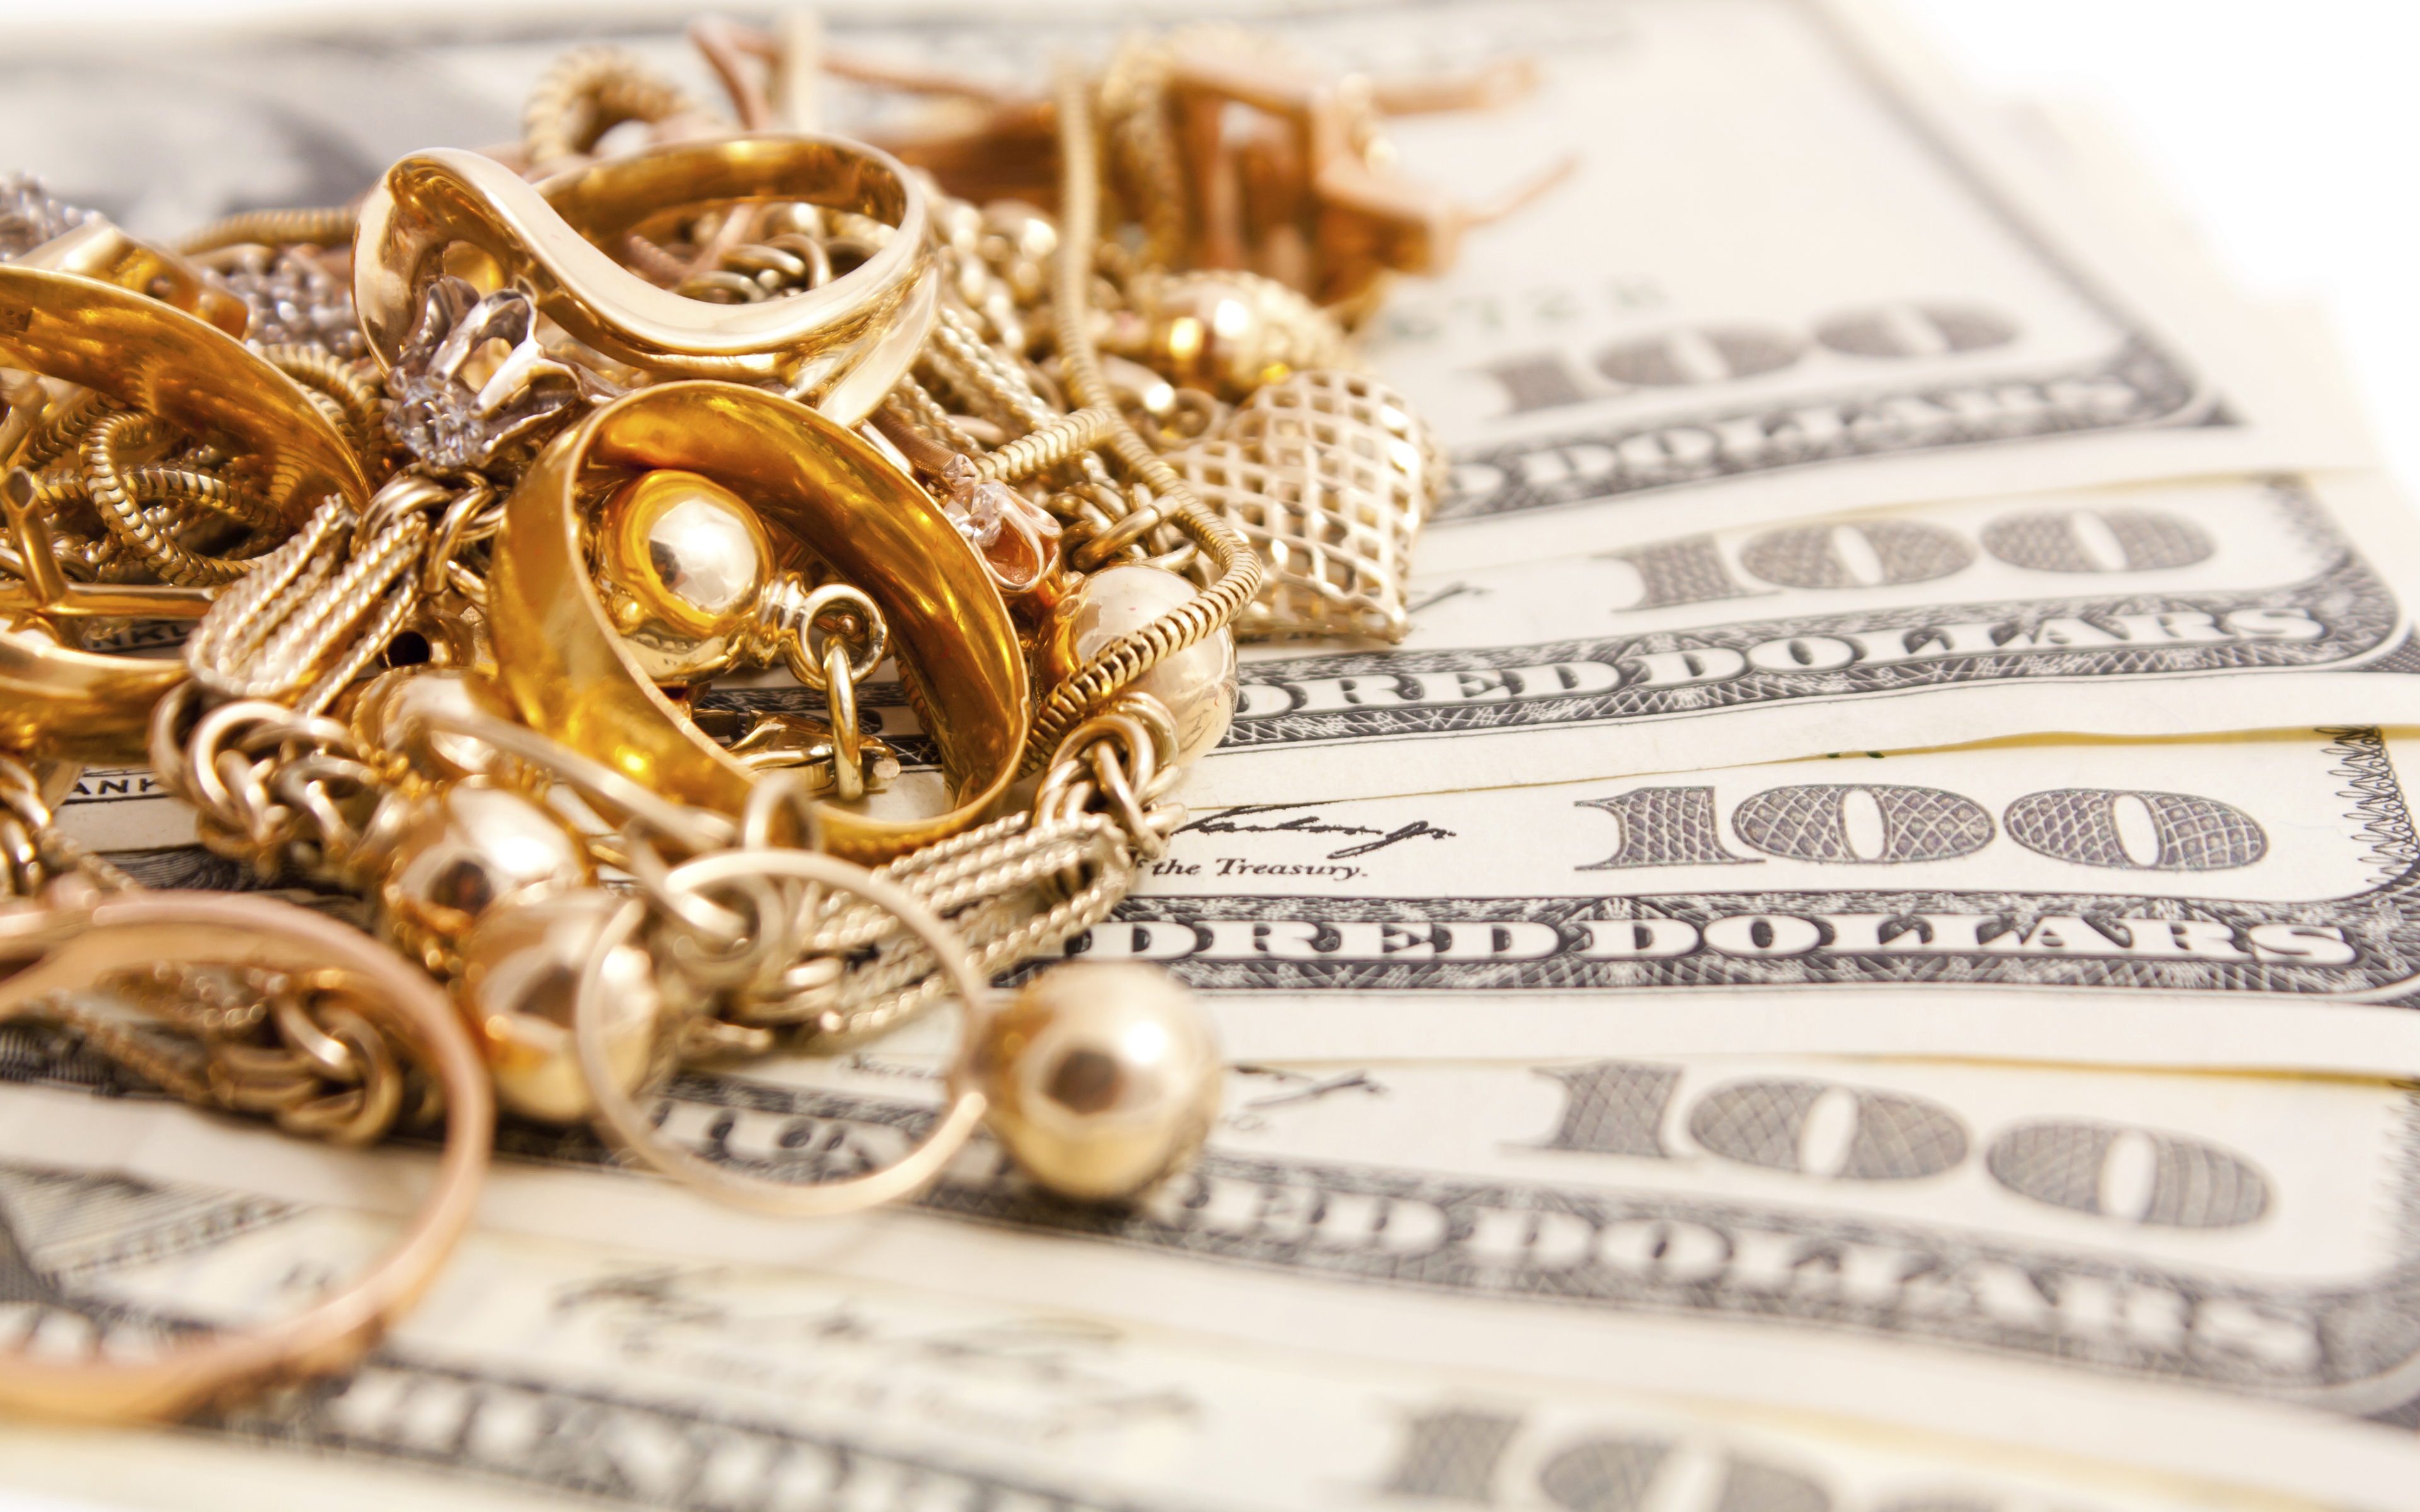 Деньги золото драгоценности картинки ответ